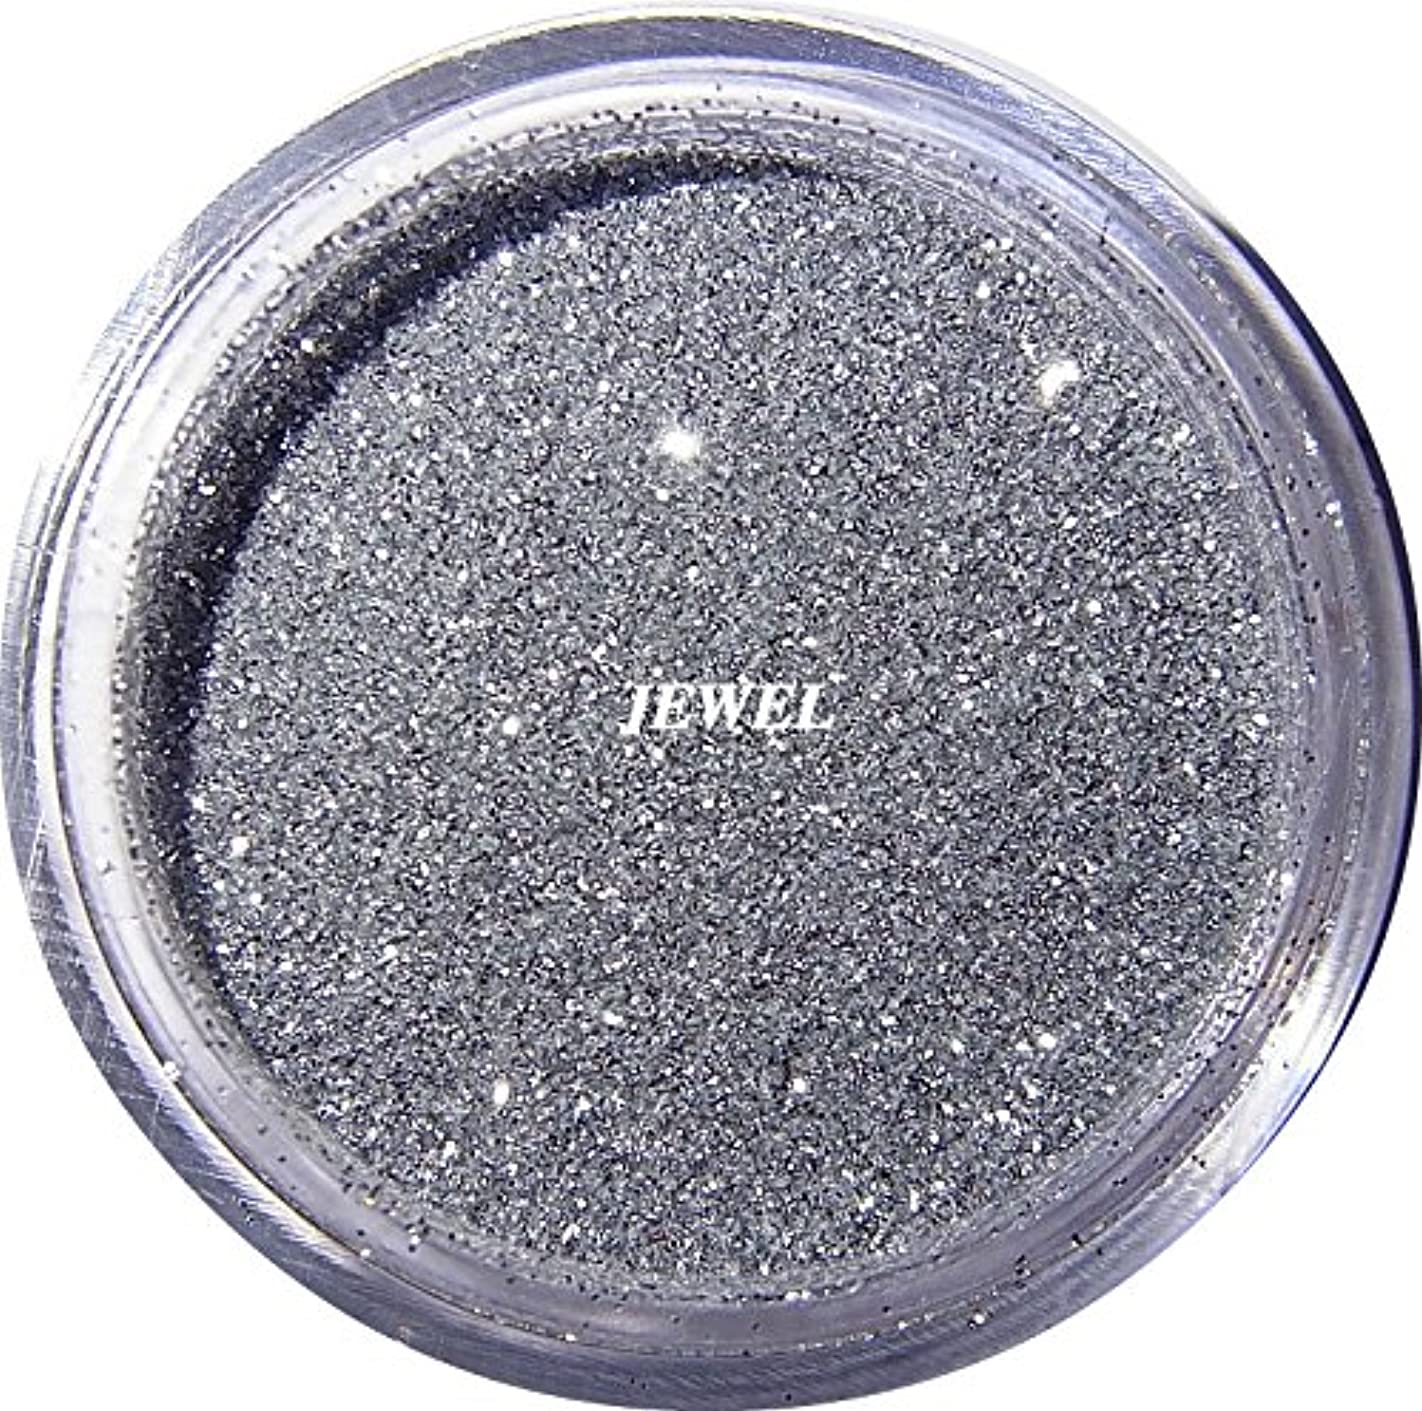 合併症膨張するお【jewel】 超微粒子ラメパウダー(銀/シルバー) 256/1サイズ 2g入り レジン&ネイル用 グリッター